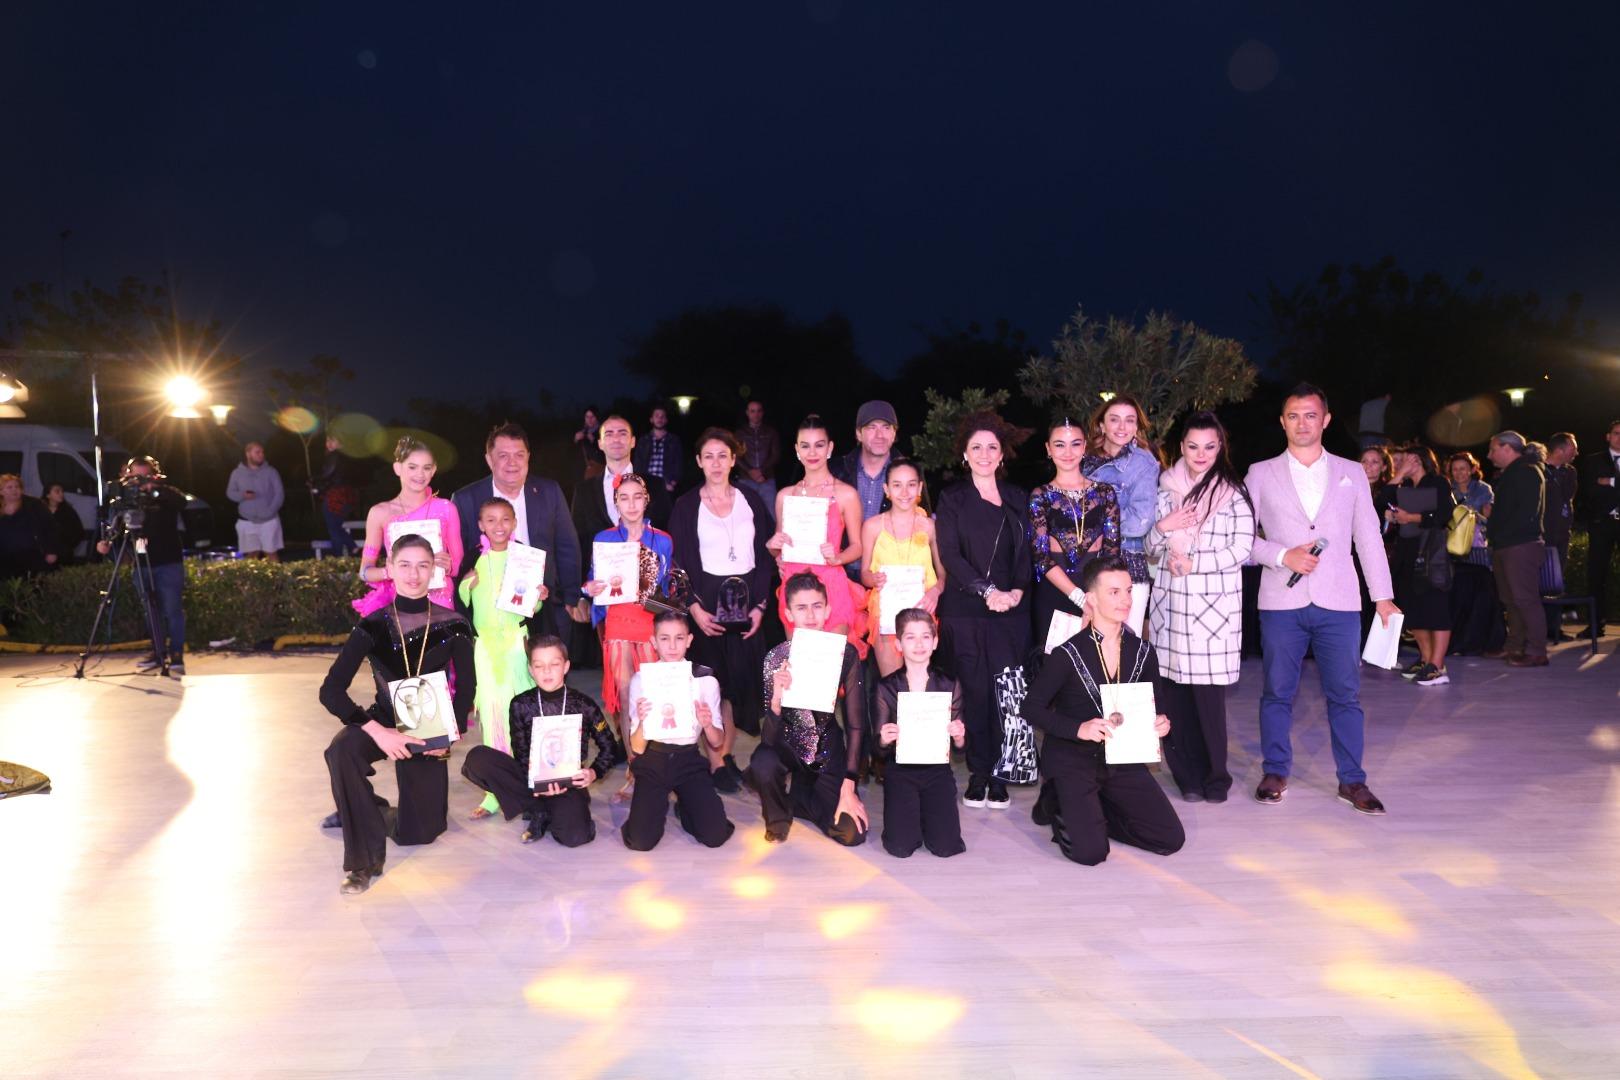 Latin Dansları Kupası'nda görsel şölen yaşandı